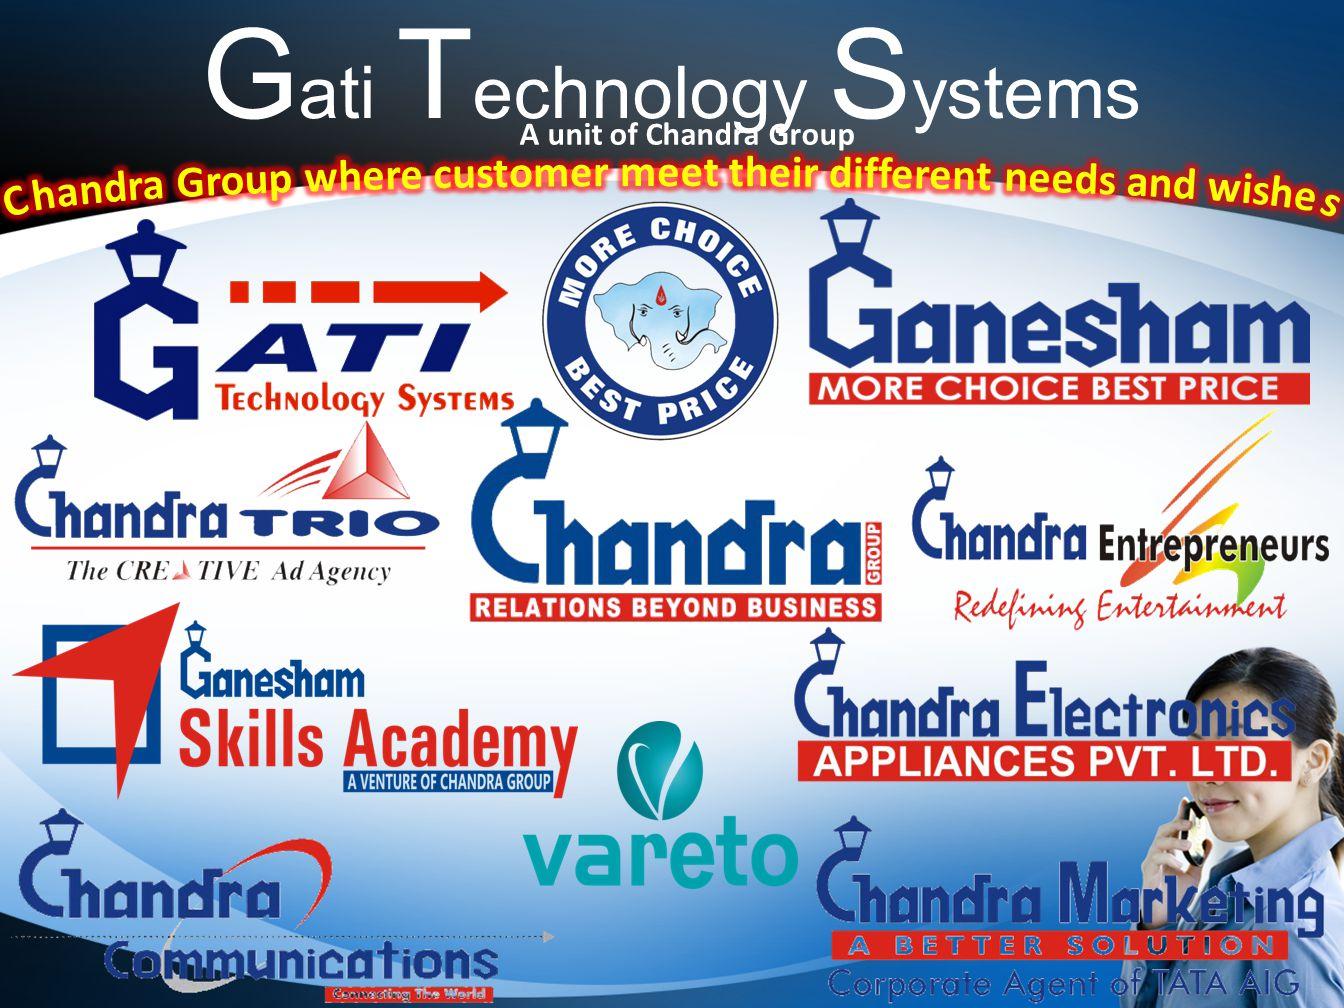 A unit of Chandra Group G ati T echnology S ystems